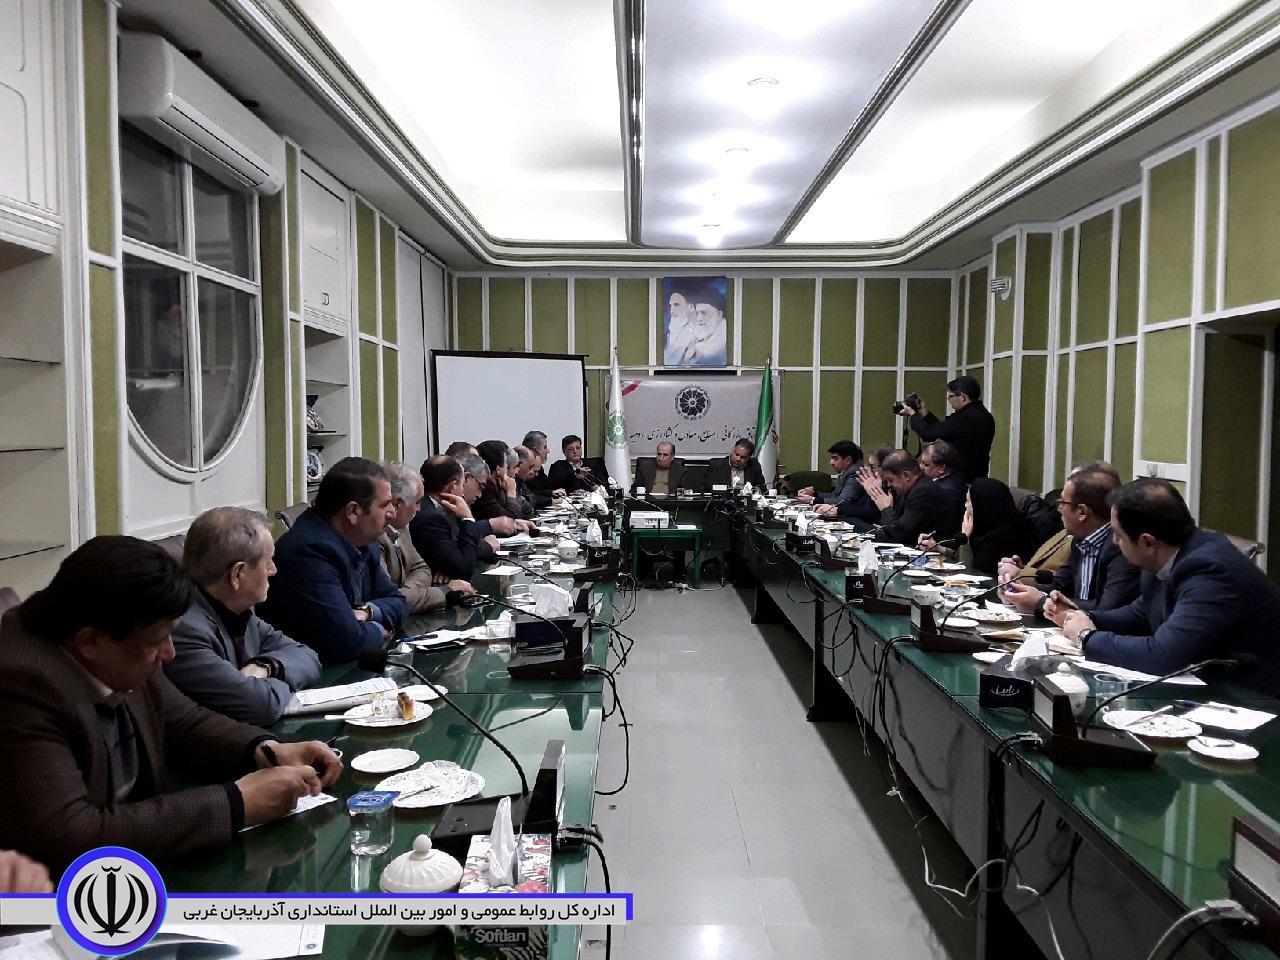 جلسه بررسی و تعیین بازارهای هدف صادراتی استان برگزار شد